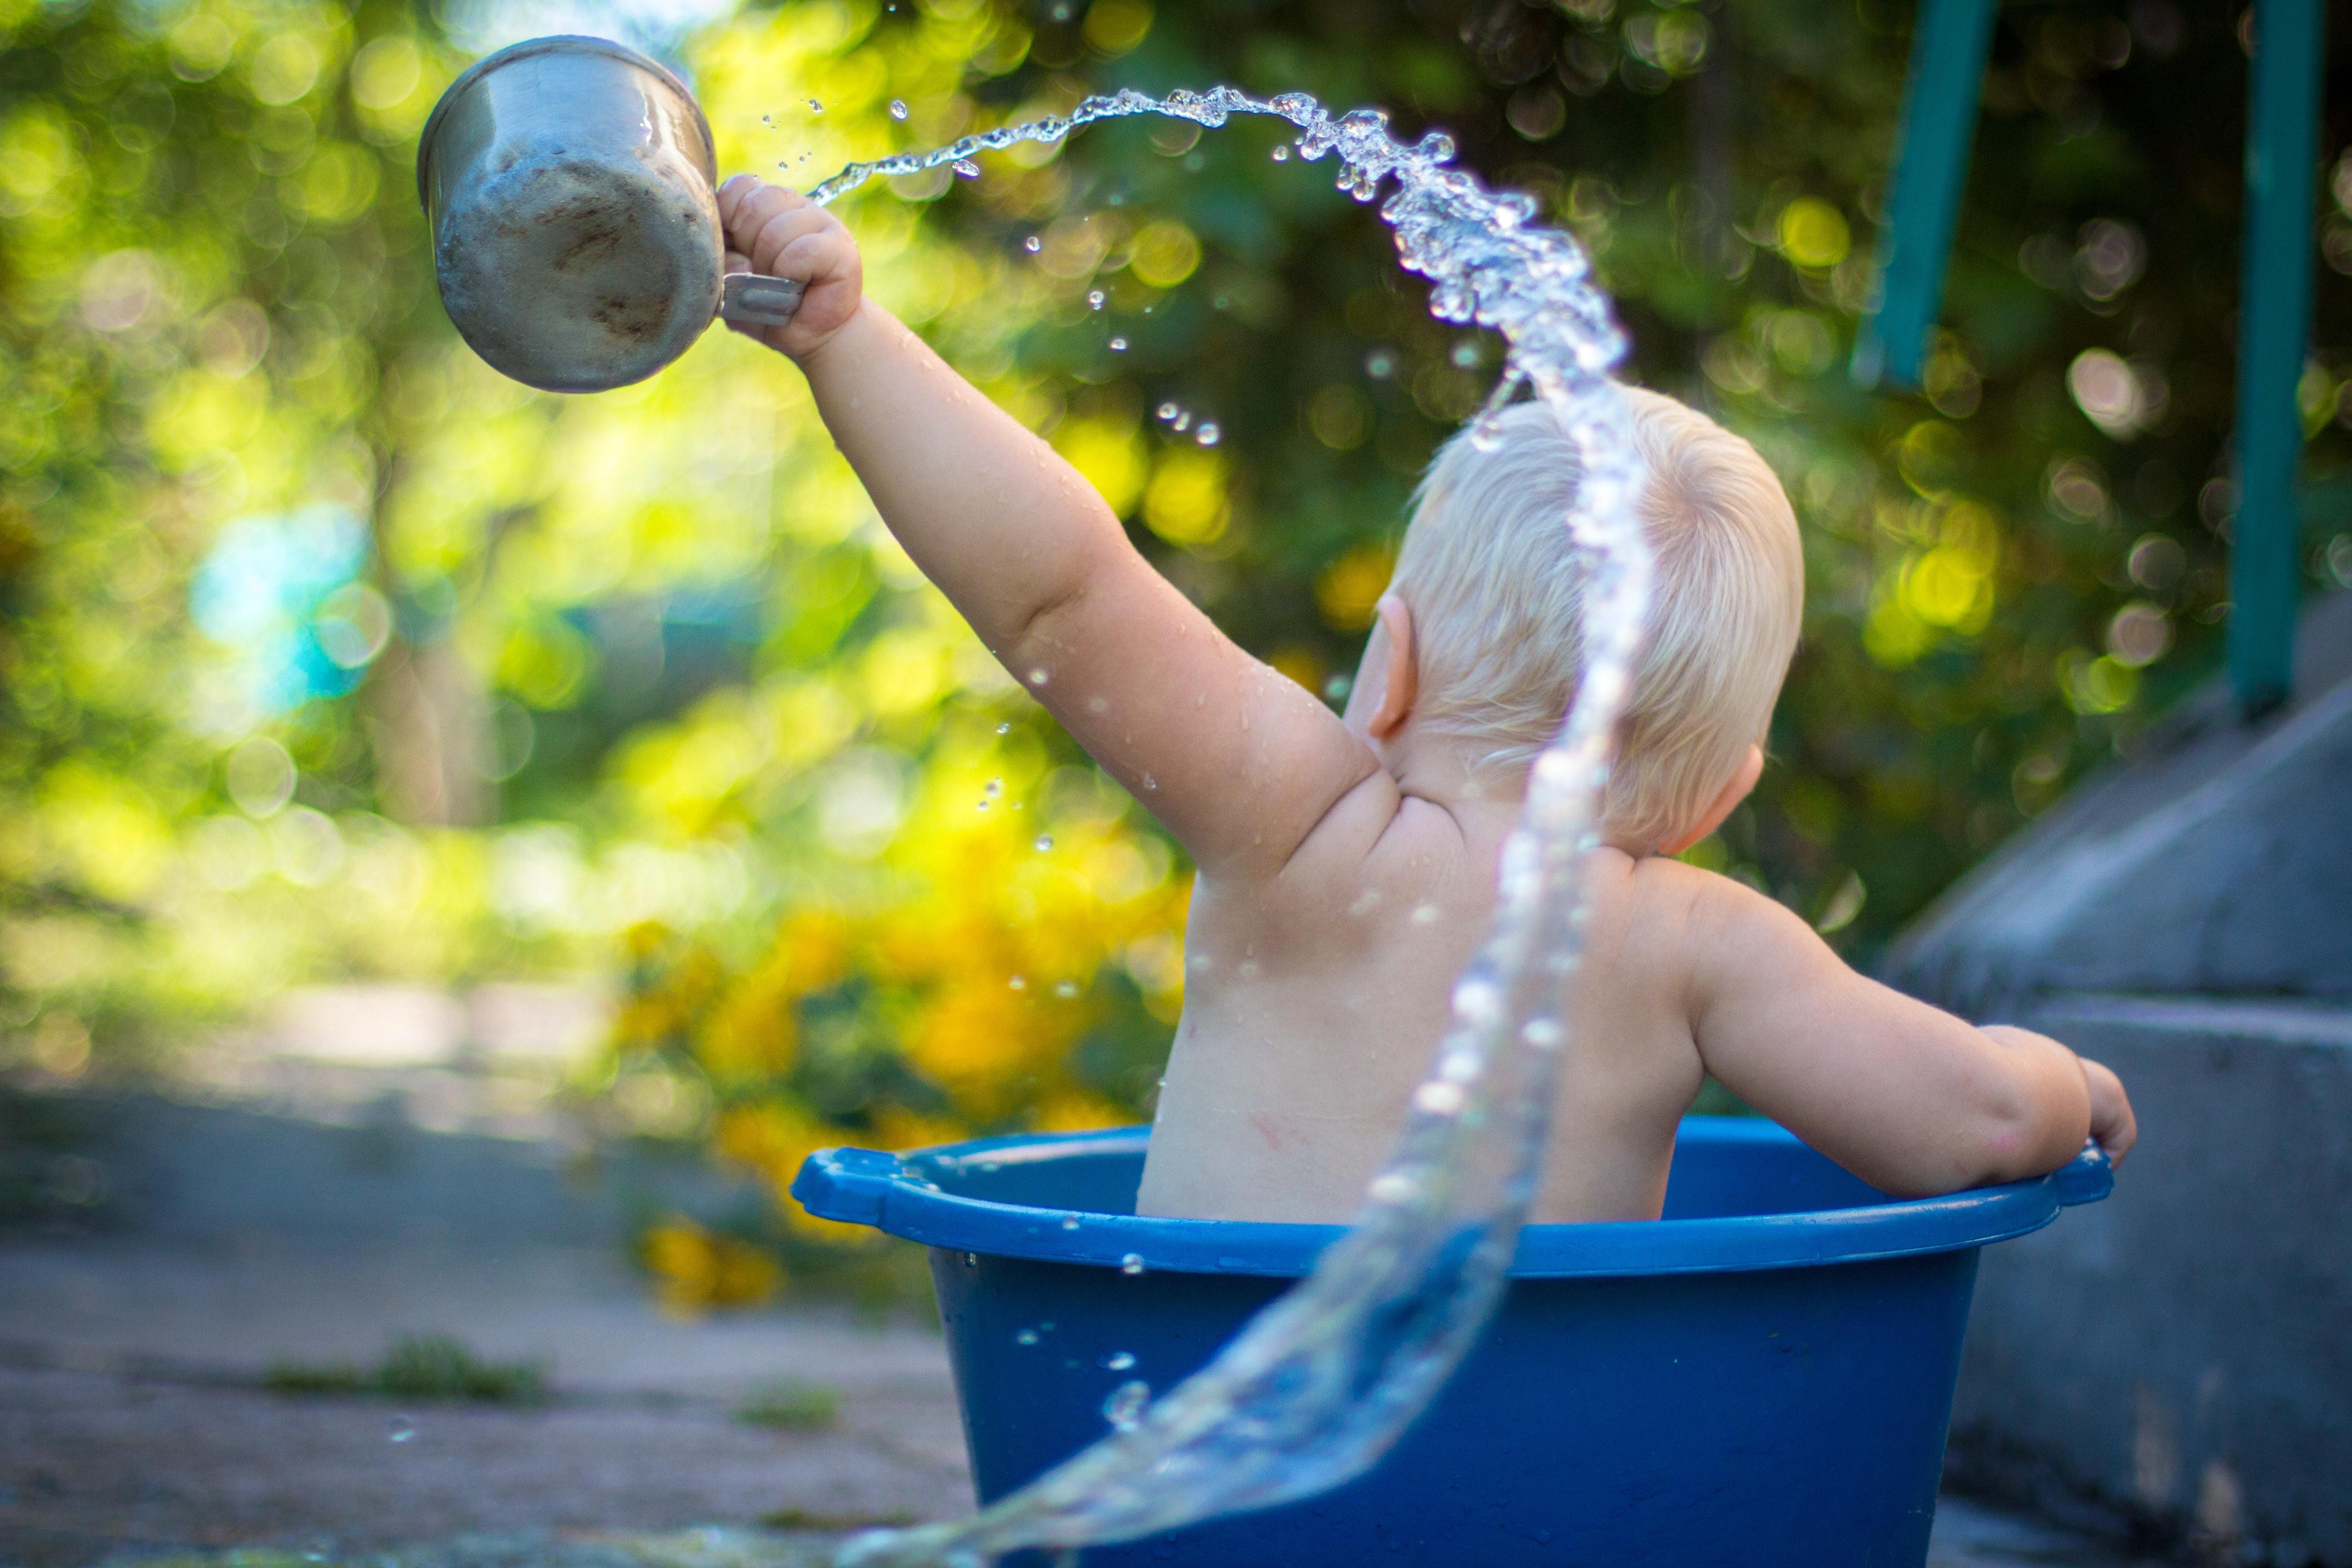 Babypflege baden waschen shampoo nabelpflege Foto:Lubomirkin bei Unsplash